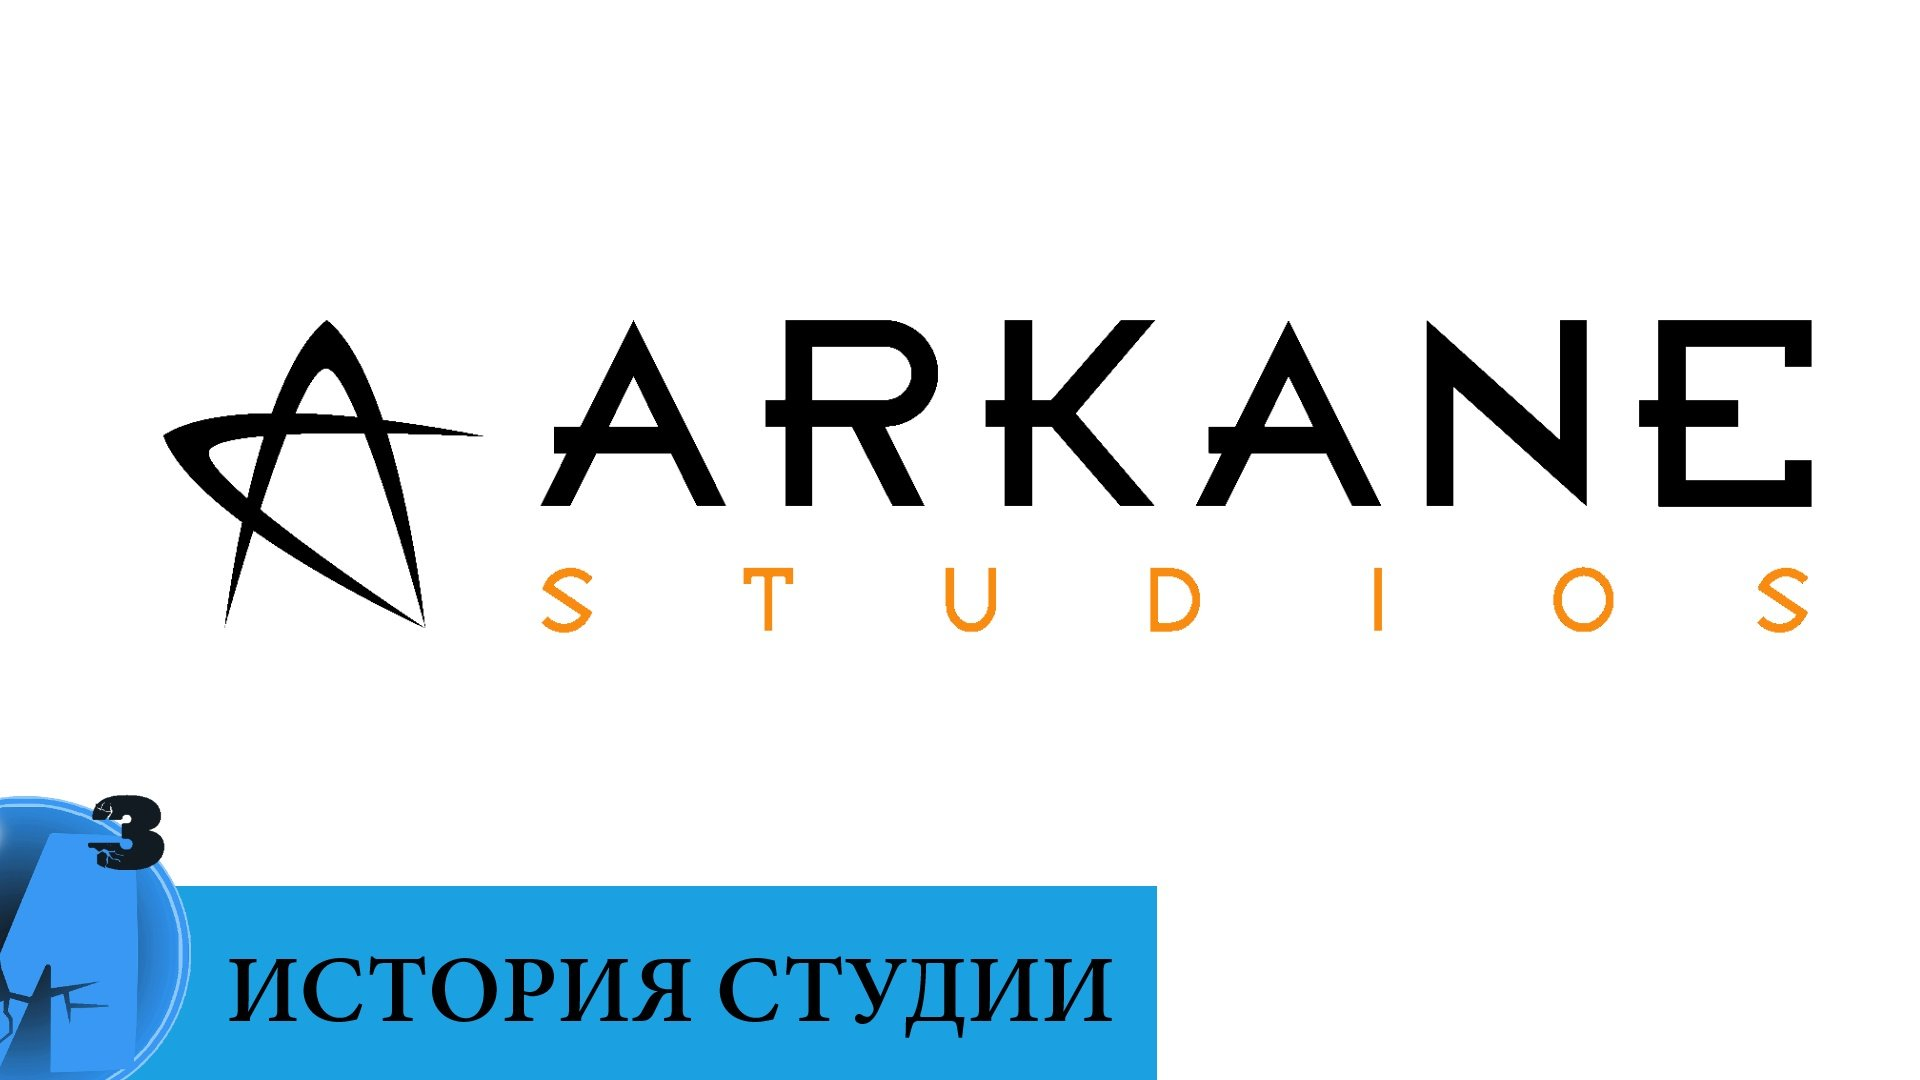 ИИИ - Arkane Studios (часть 1). 1999 г. - настоящее время. - Изображение 1